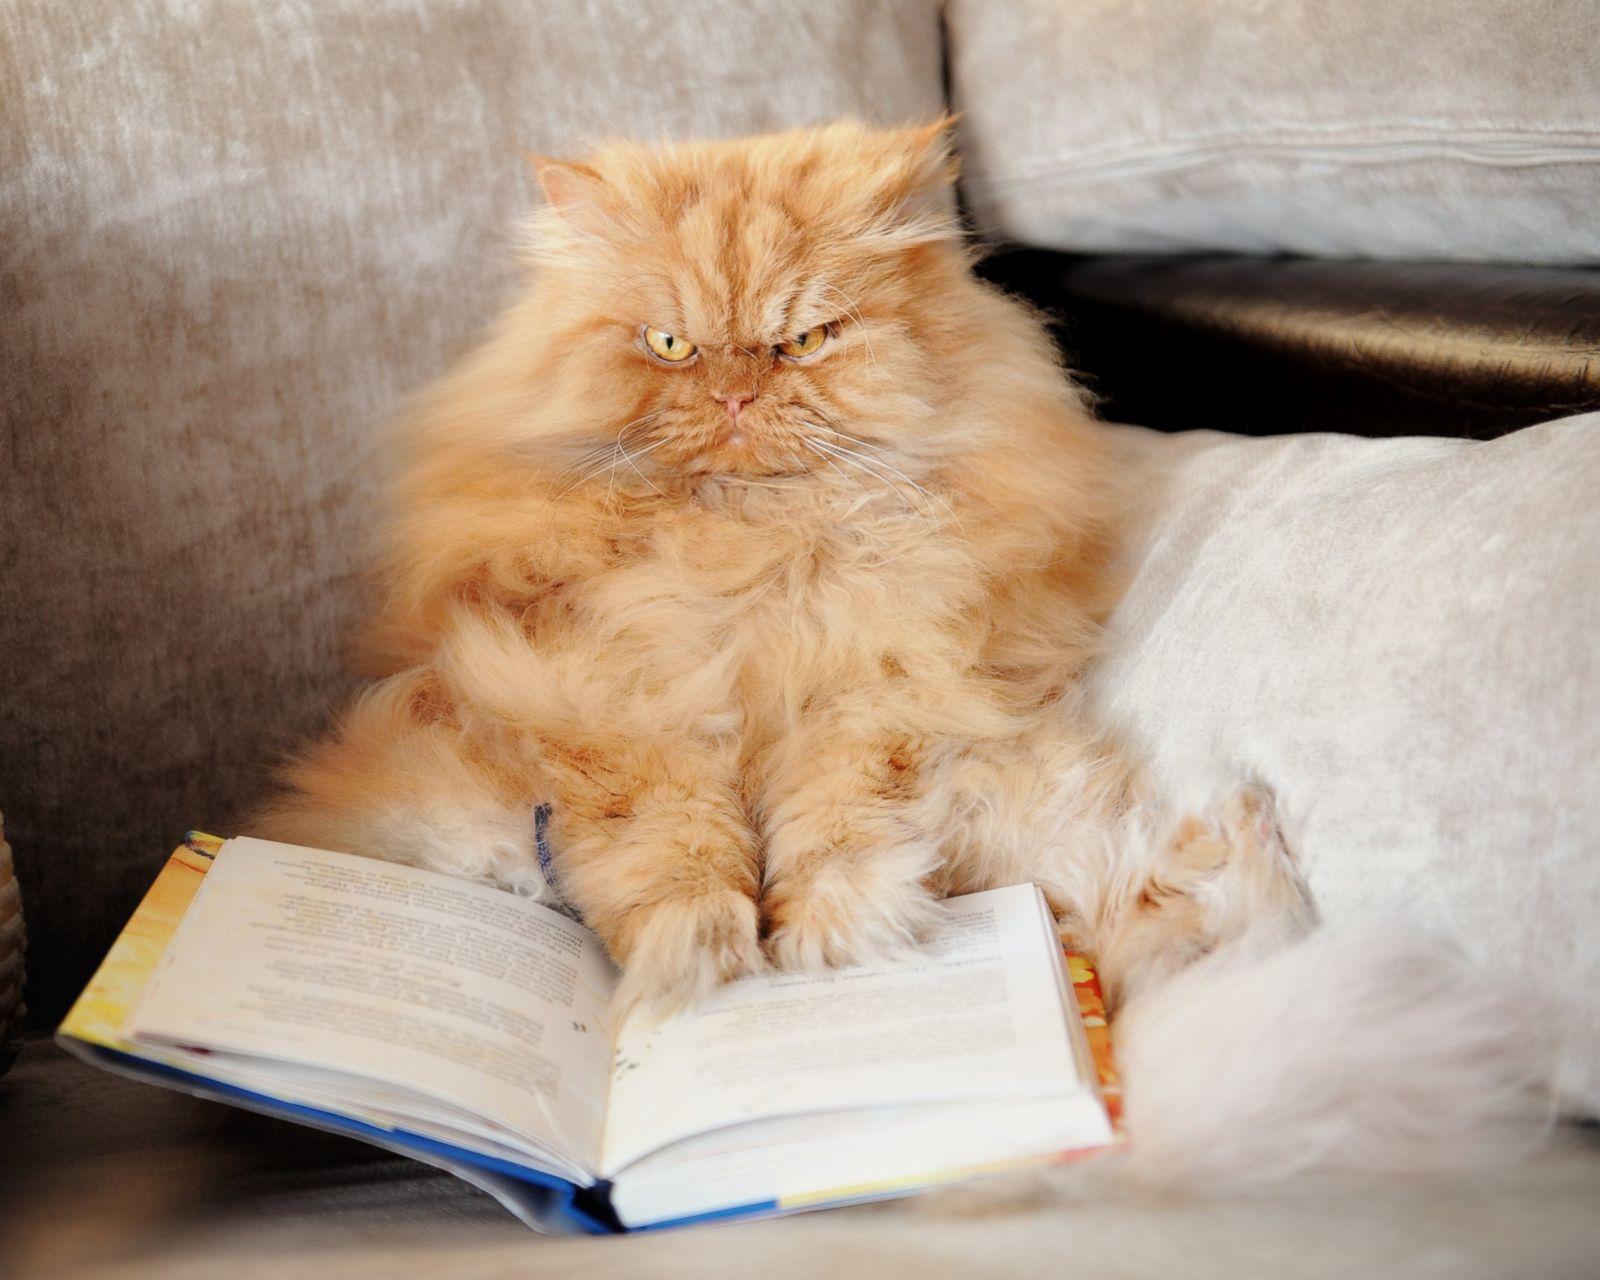 Фото сердитый кот звезда интернета 6